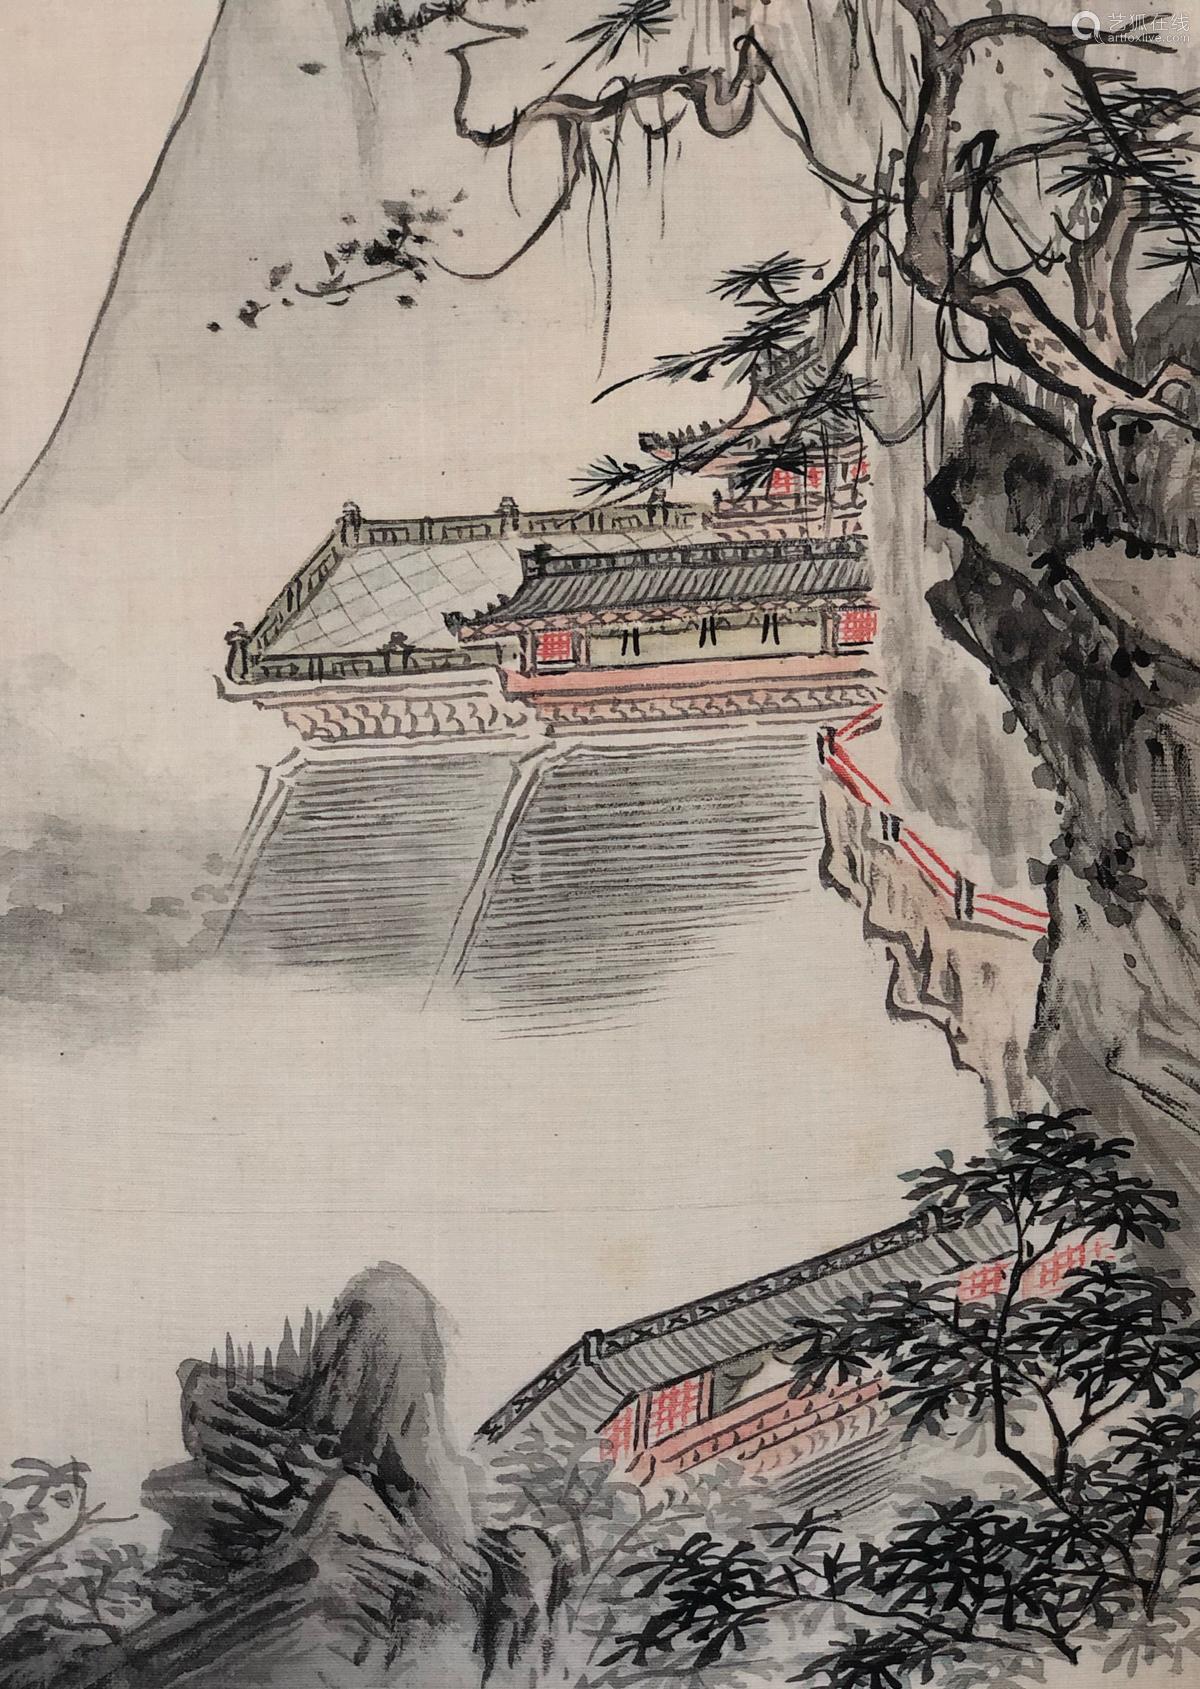 17-19TH CENTURY, XIN LUO SHAN REN YAN HUA <SHAN SHUI CE YE 12> PAINTING, QING DYNASTY